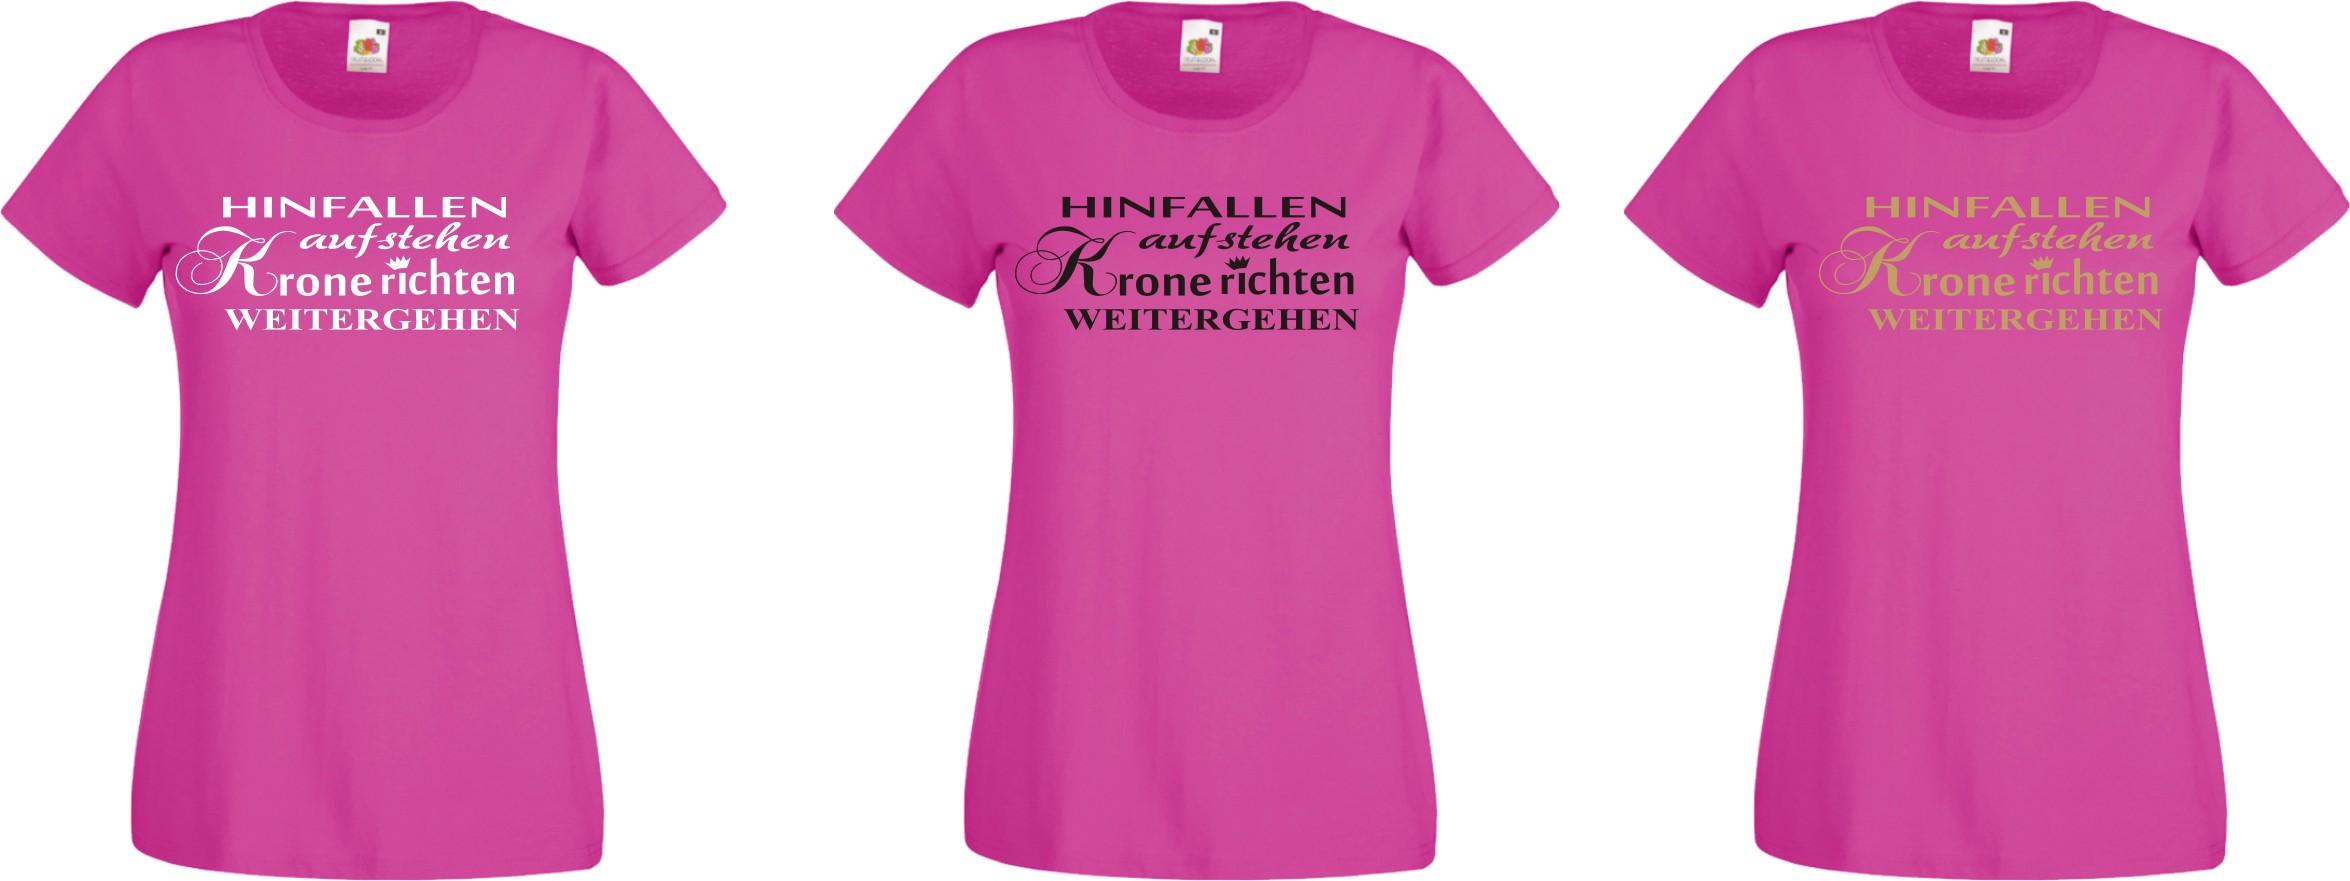 Hinfallen_aufstehen_pink_alle.jpg